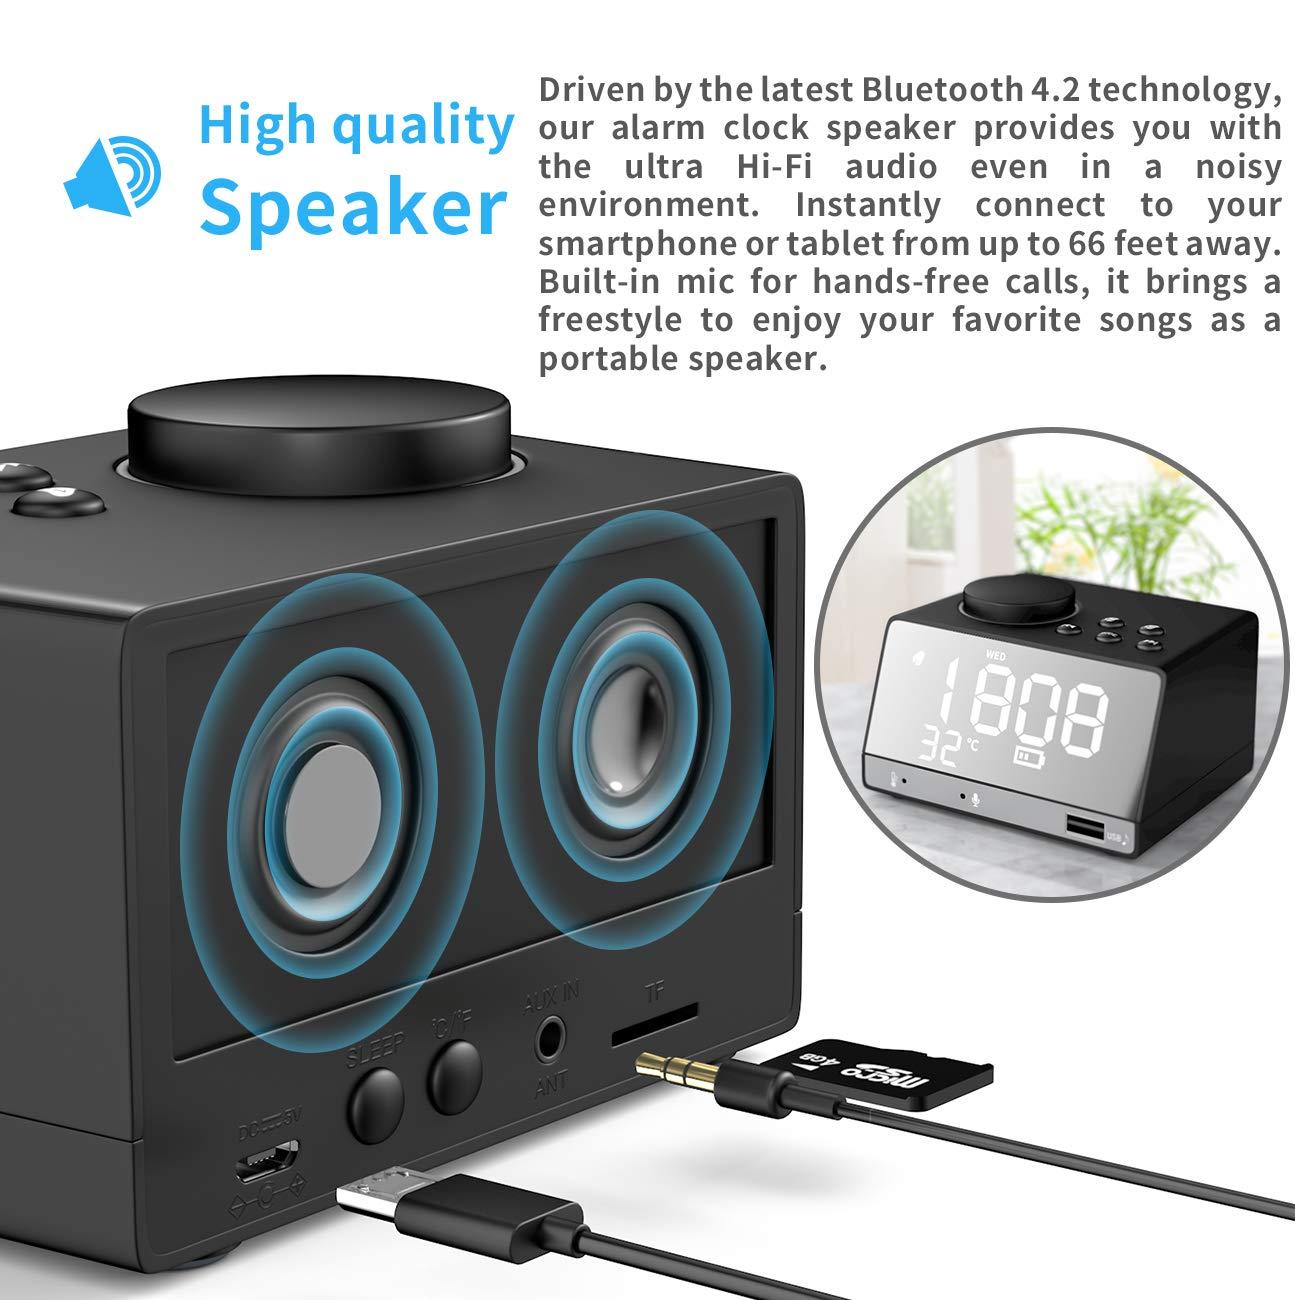 extsud Radio Despertador Digital Reloj Despertador Digital inalámbrico Bluetooth Altavoz con Radio FM, Alarma Dual, USB de Carga, termómetro para Dormitorio ...